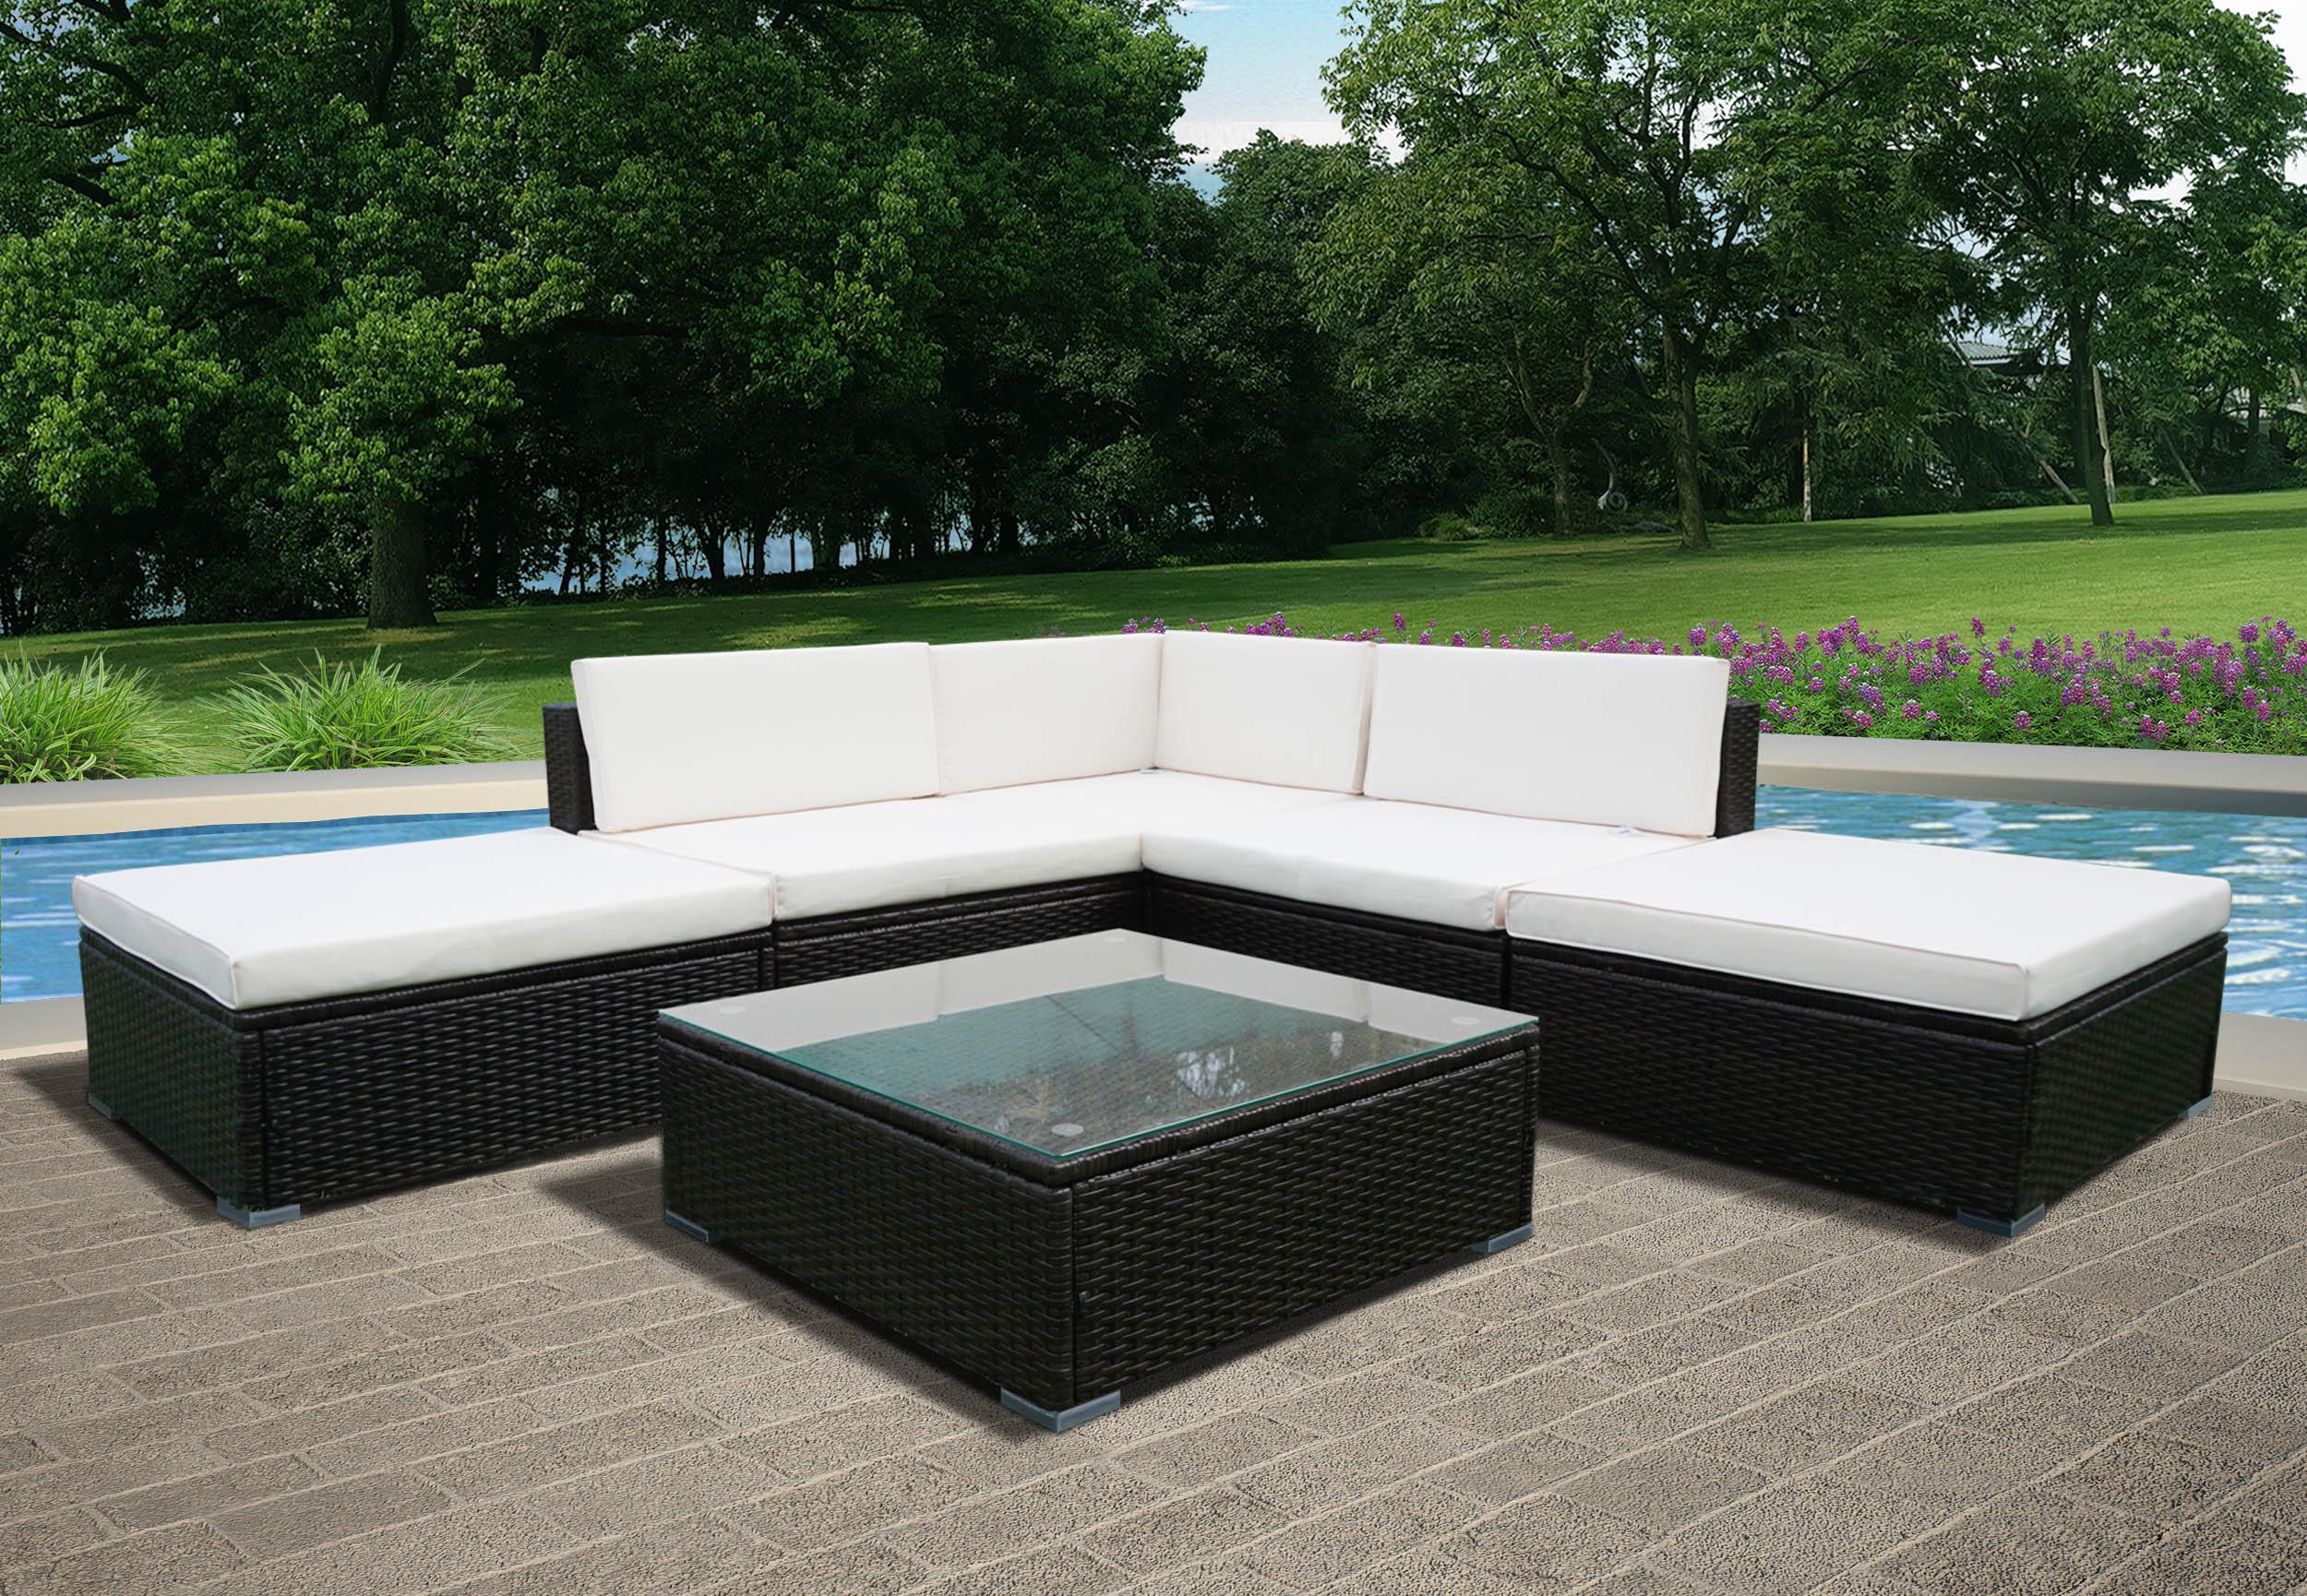 Panana 6 adet Rattan bahçe mobilyaları veranda sehpa ve köşe koltuk takımı osmanlı PE hasır çelik çerçeve